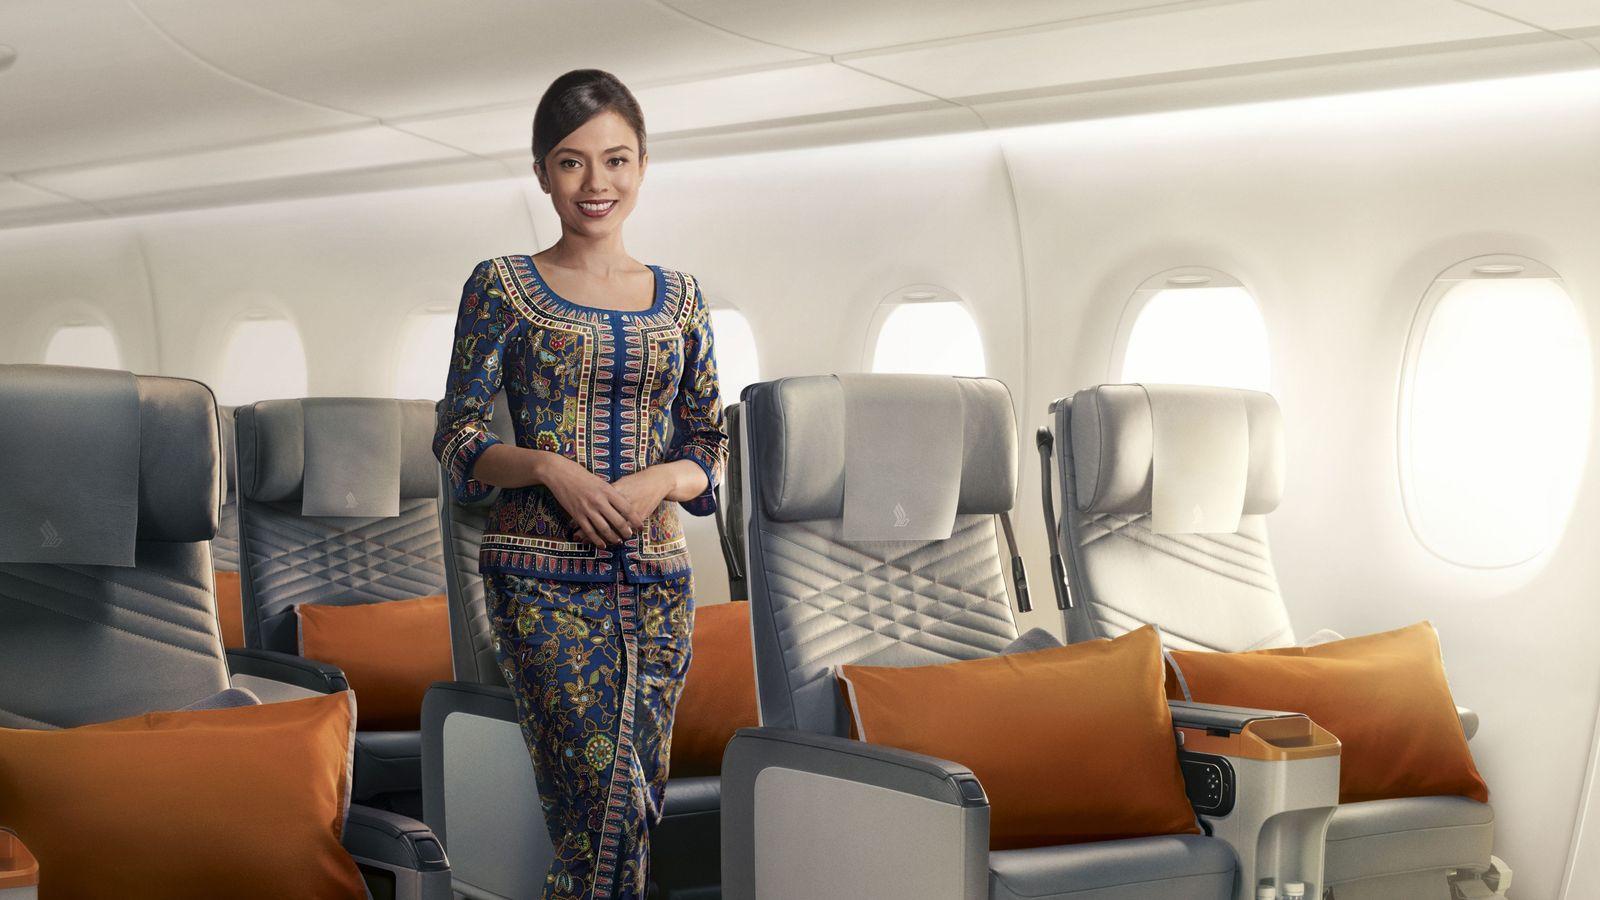 Singapore Airlines khai trương học viện đào tạo về dịch vụ và vận hành - Ảnh 2.